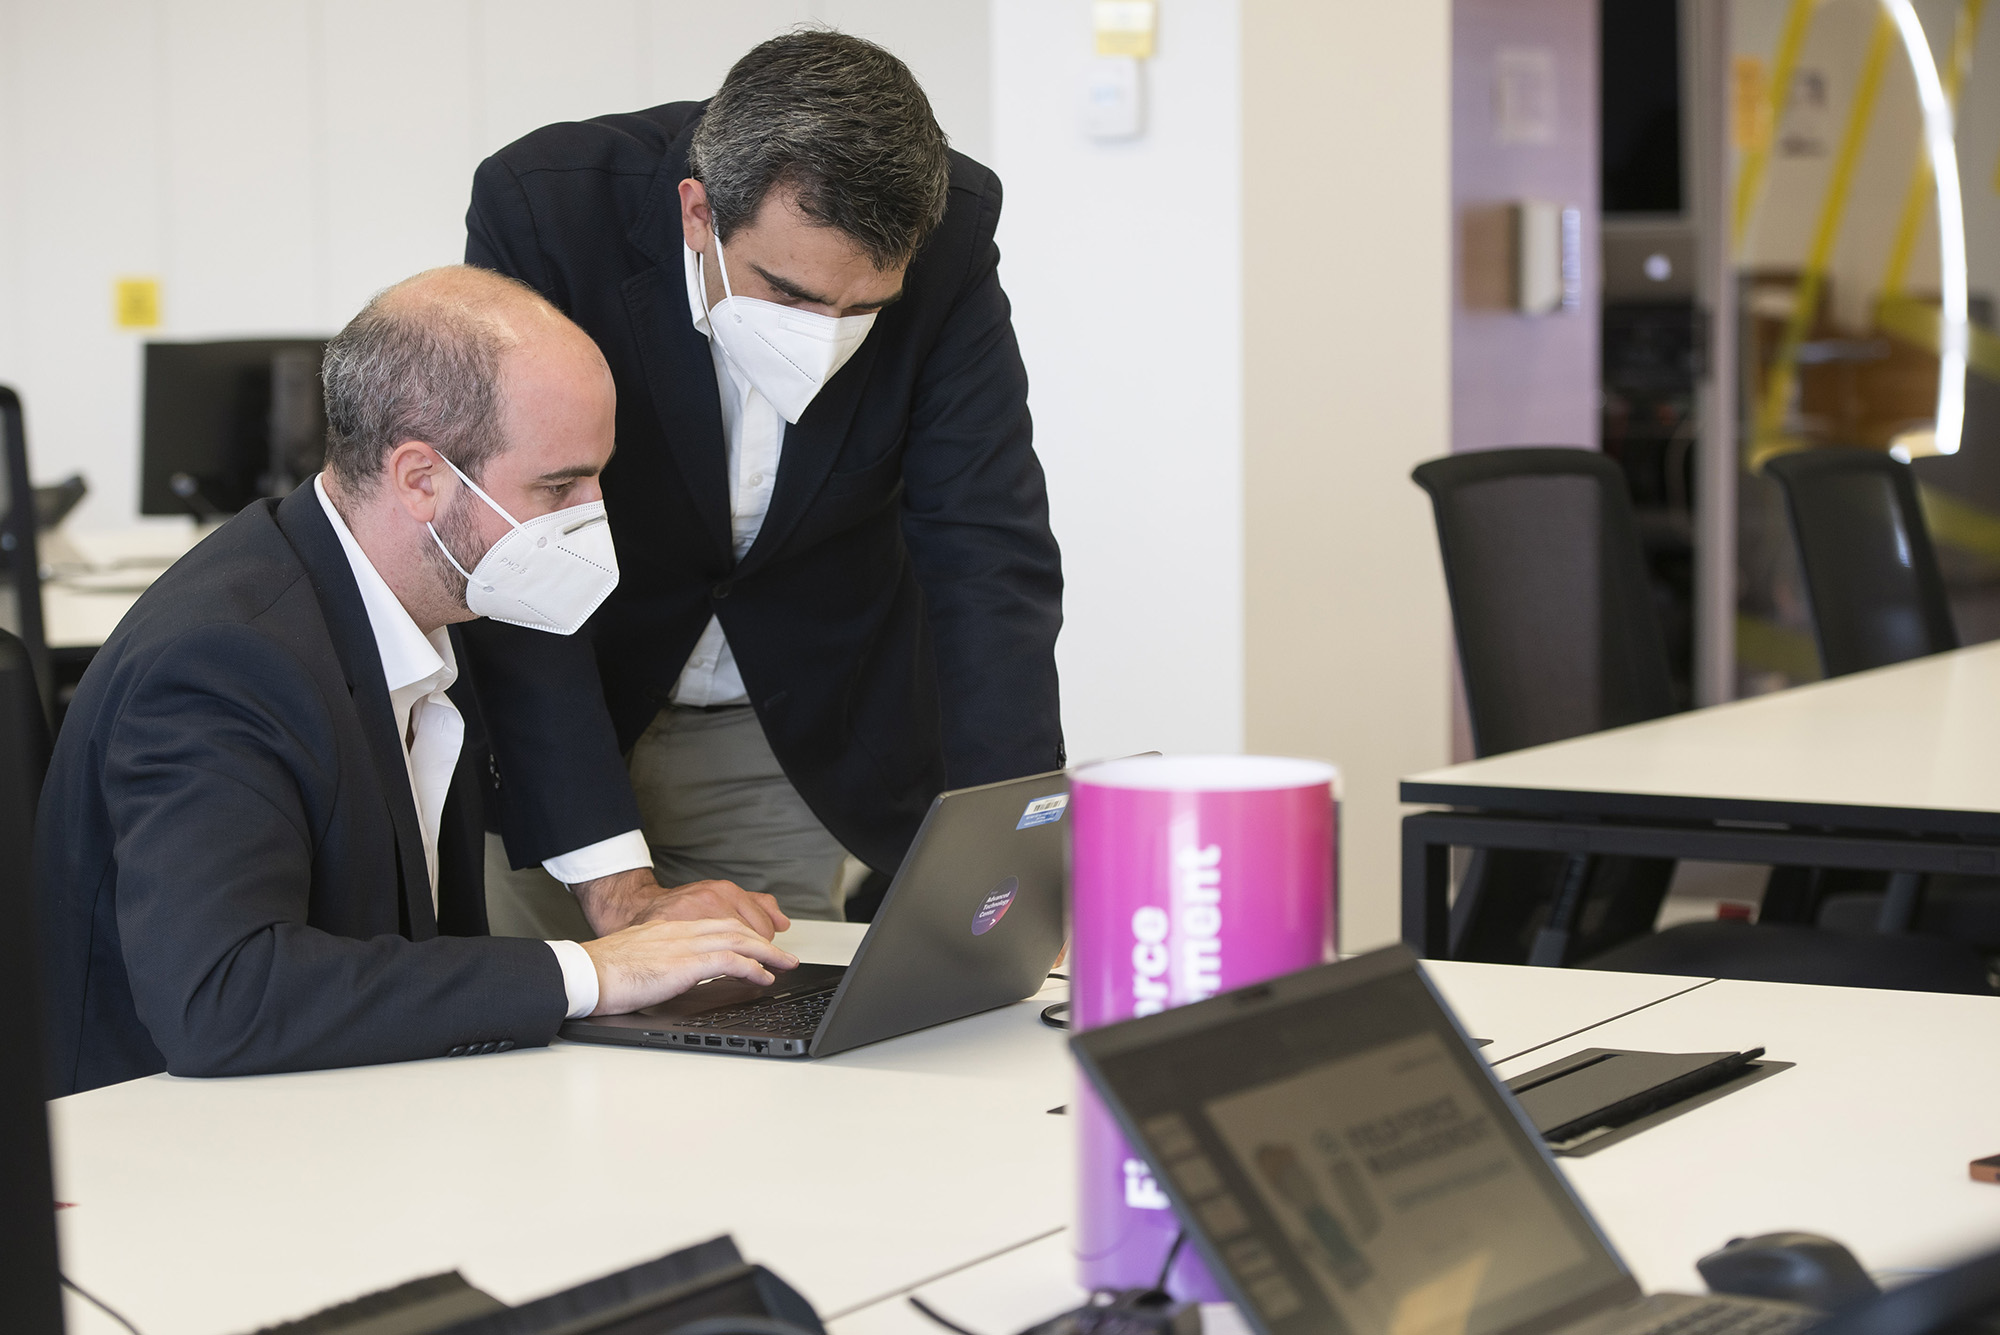 4º aniversário do Centro de Tecnologia da Accenture em Braga - 11MAI21